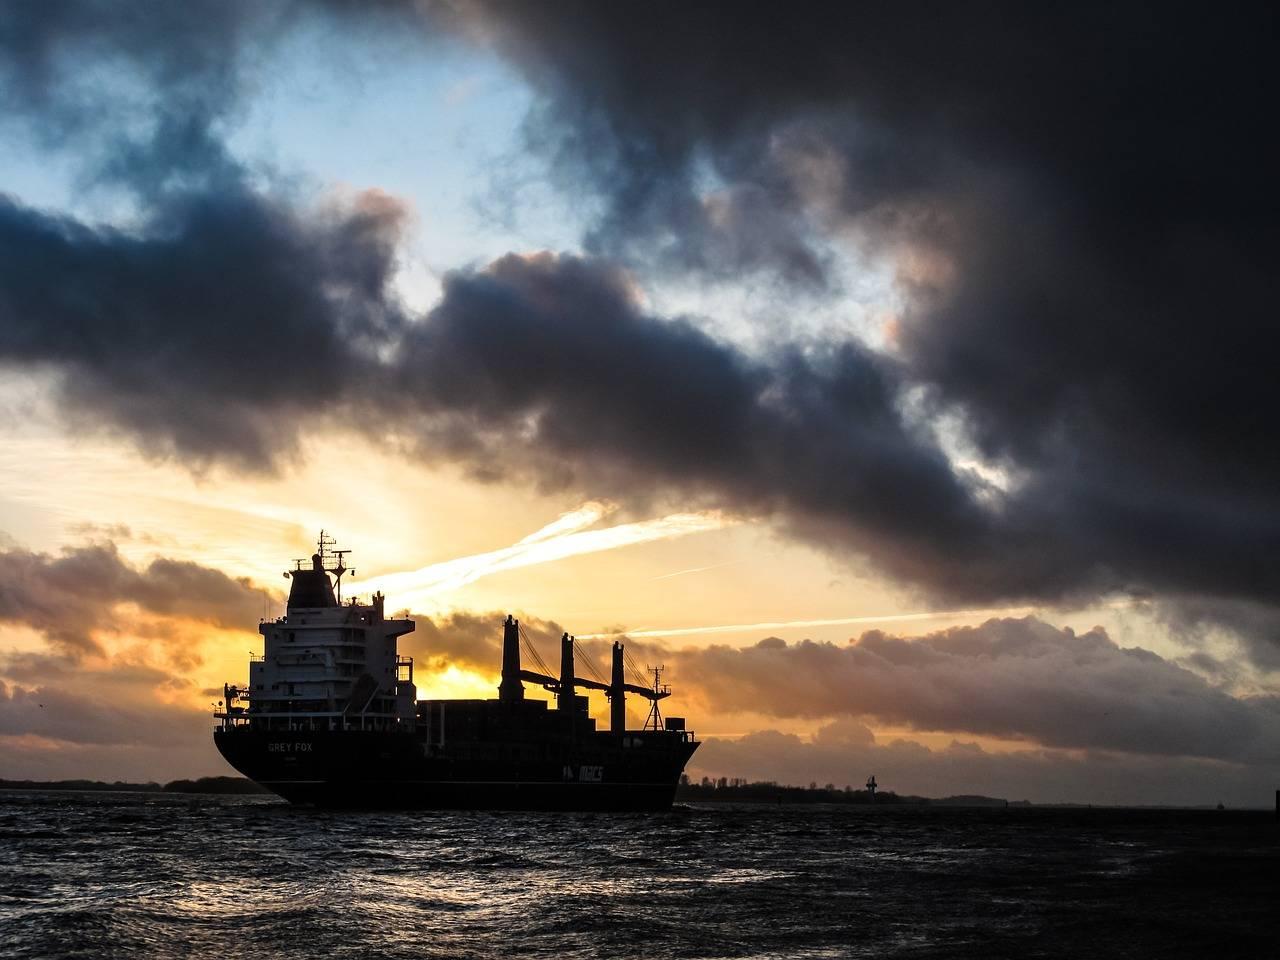 原创             国际油价再度大规模下行,负油价会卷土重来吗?加油会便宜吗?